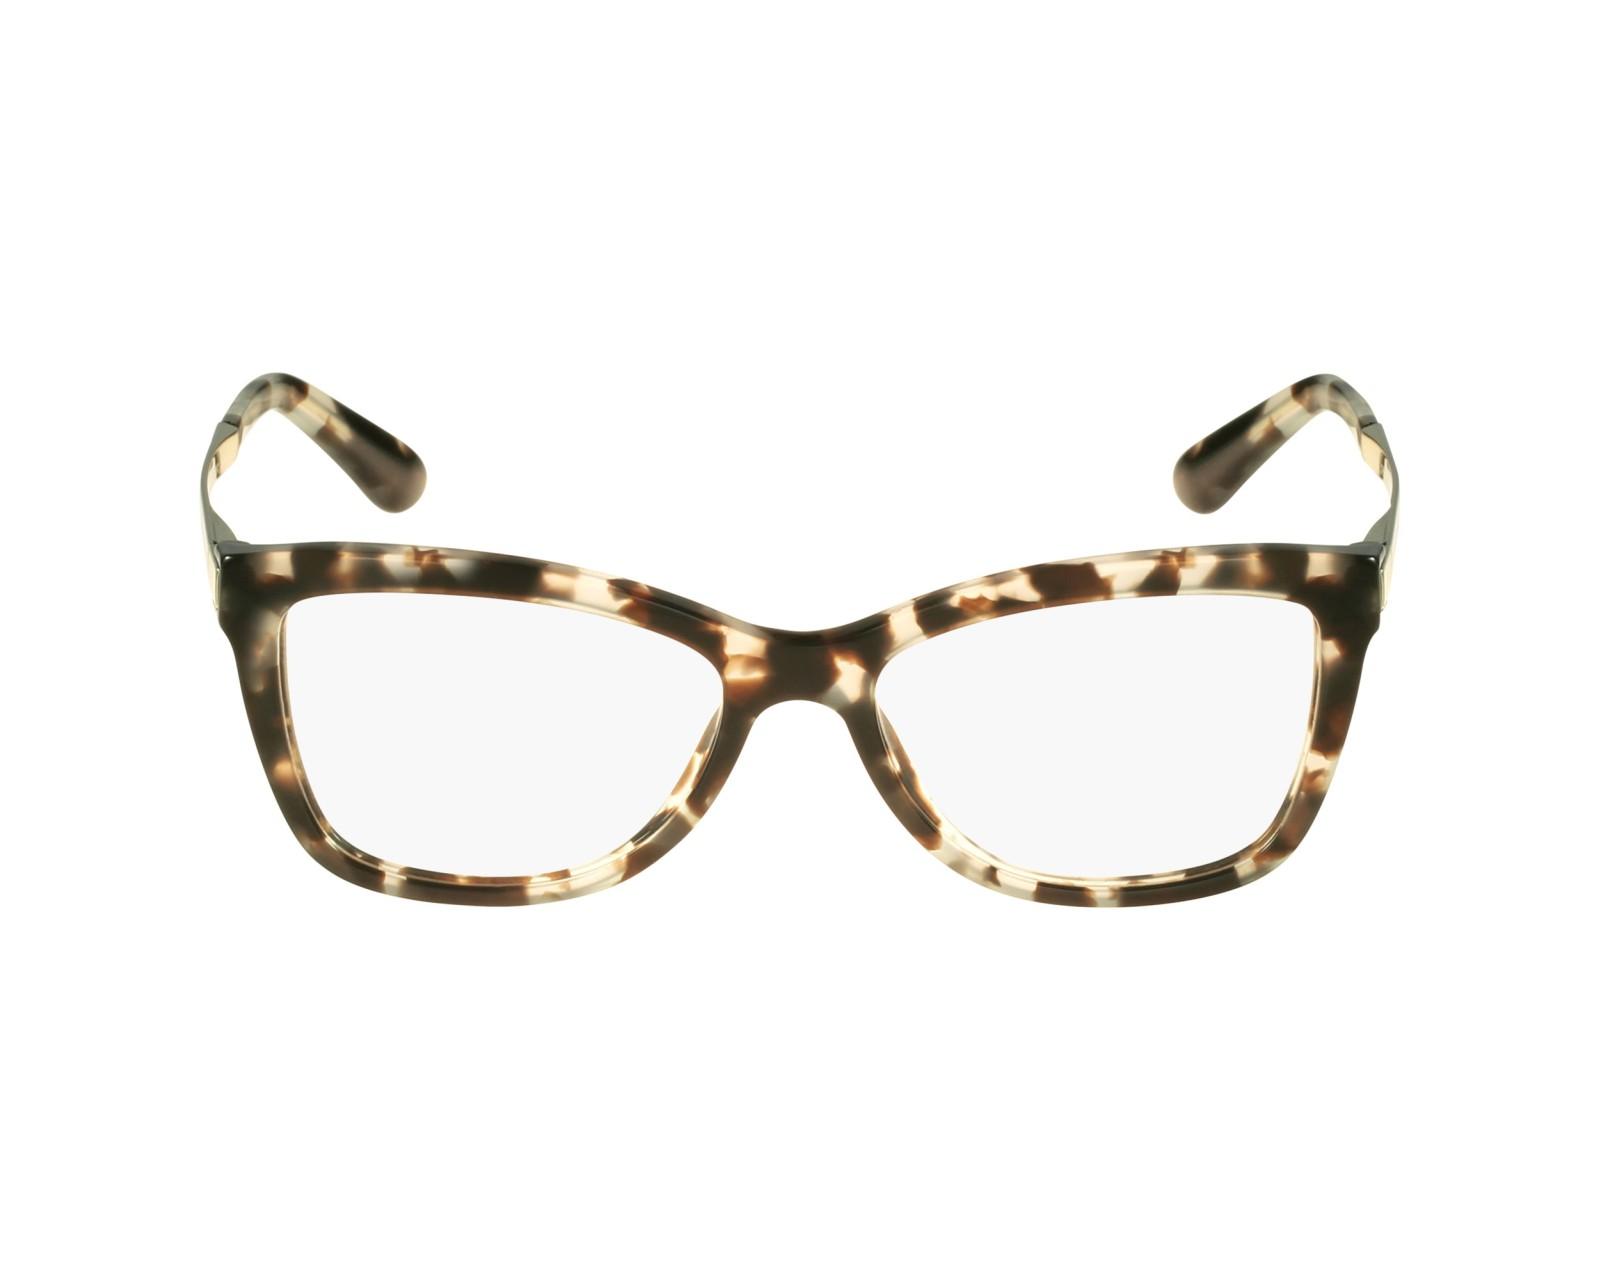 Atractivo Gafas De Marco Dolce Gabbana Fotos - Ideas Personalizadas ...